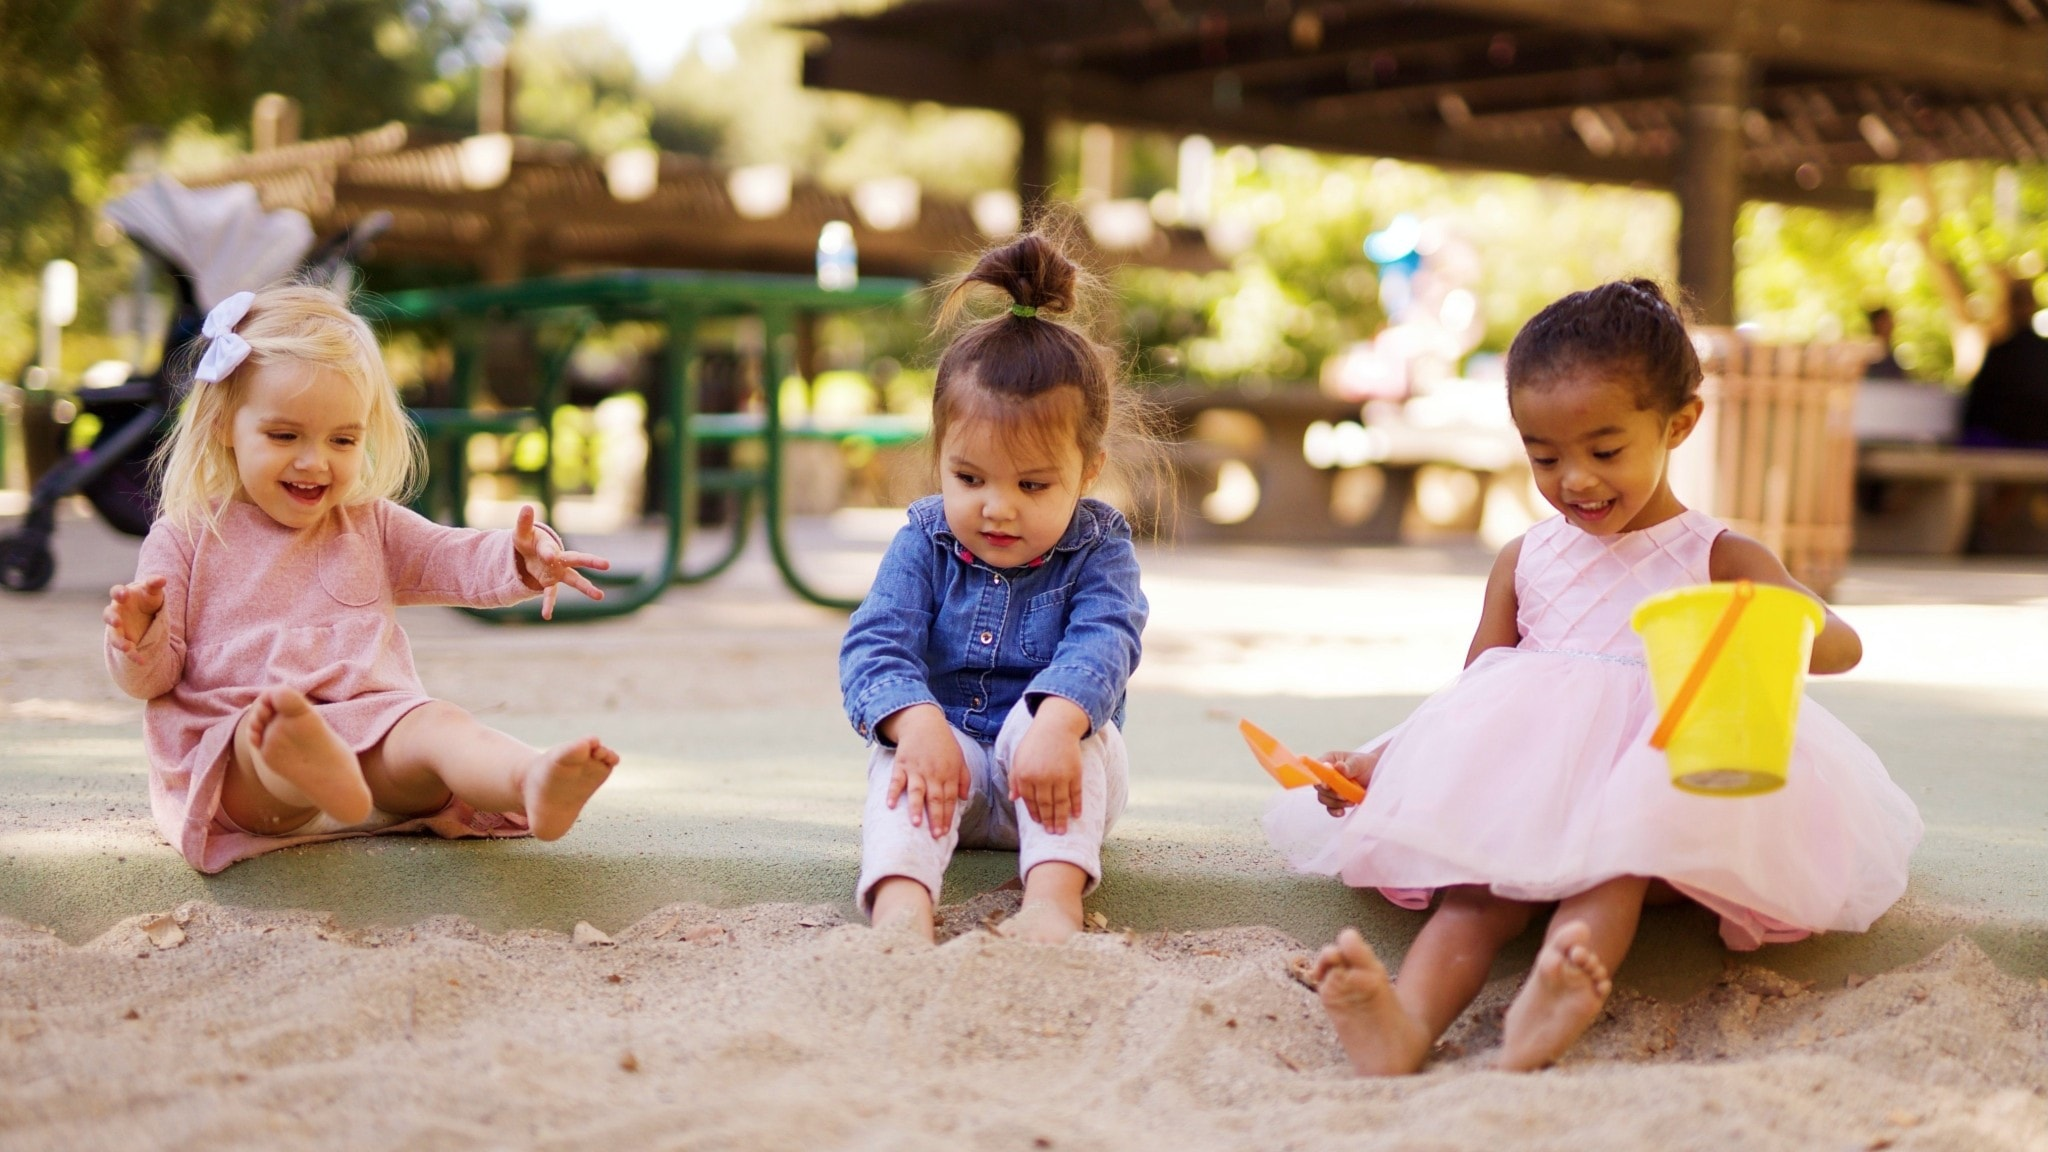 Kolme lasta leikkivät hiekkalaatikossa